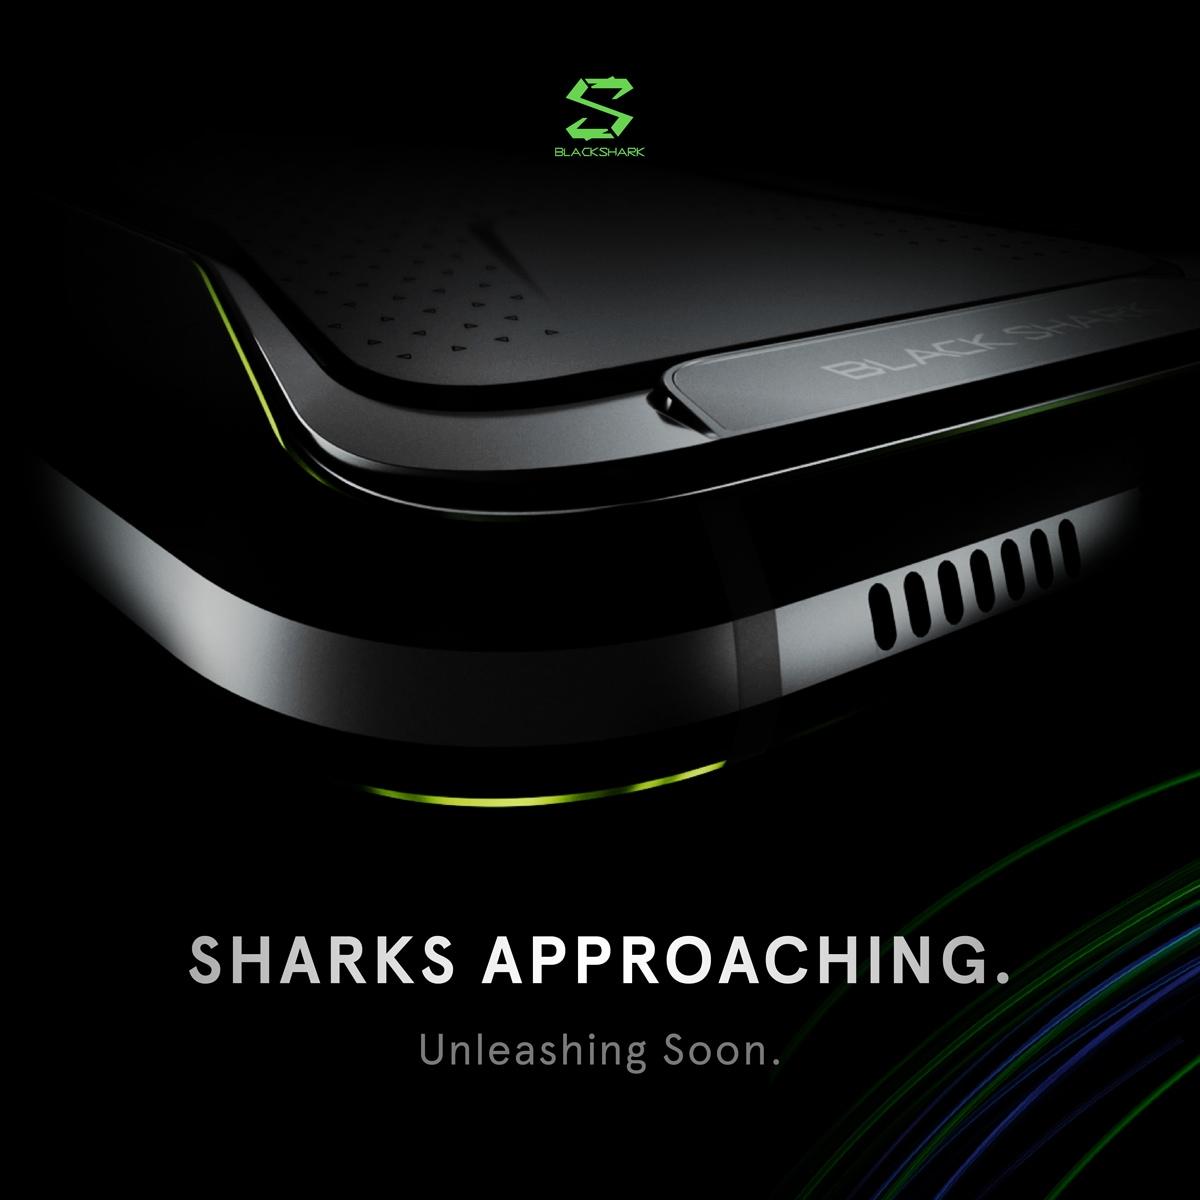 Xiaomi Black Shark 3 è già in sviluppo e potrebbe avere 8 diversi design (foto)